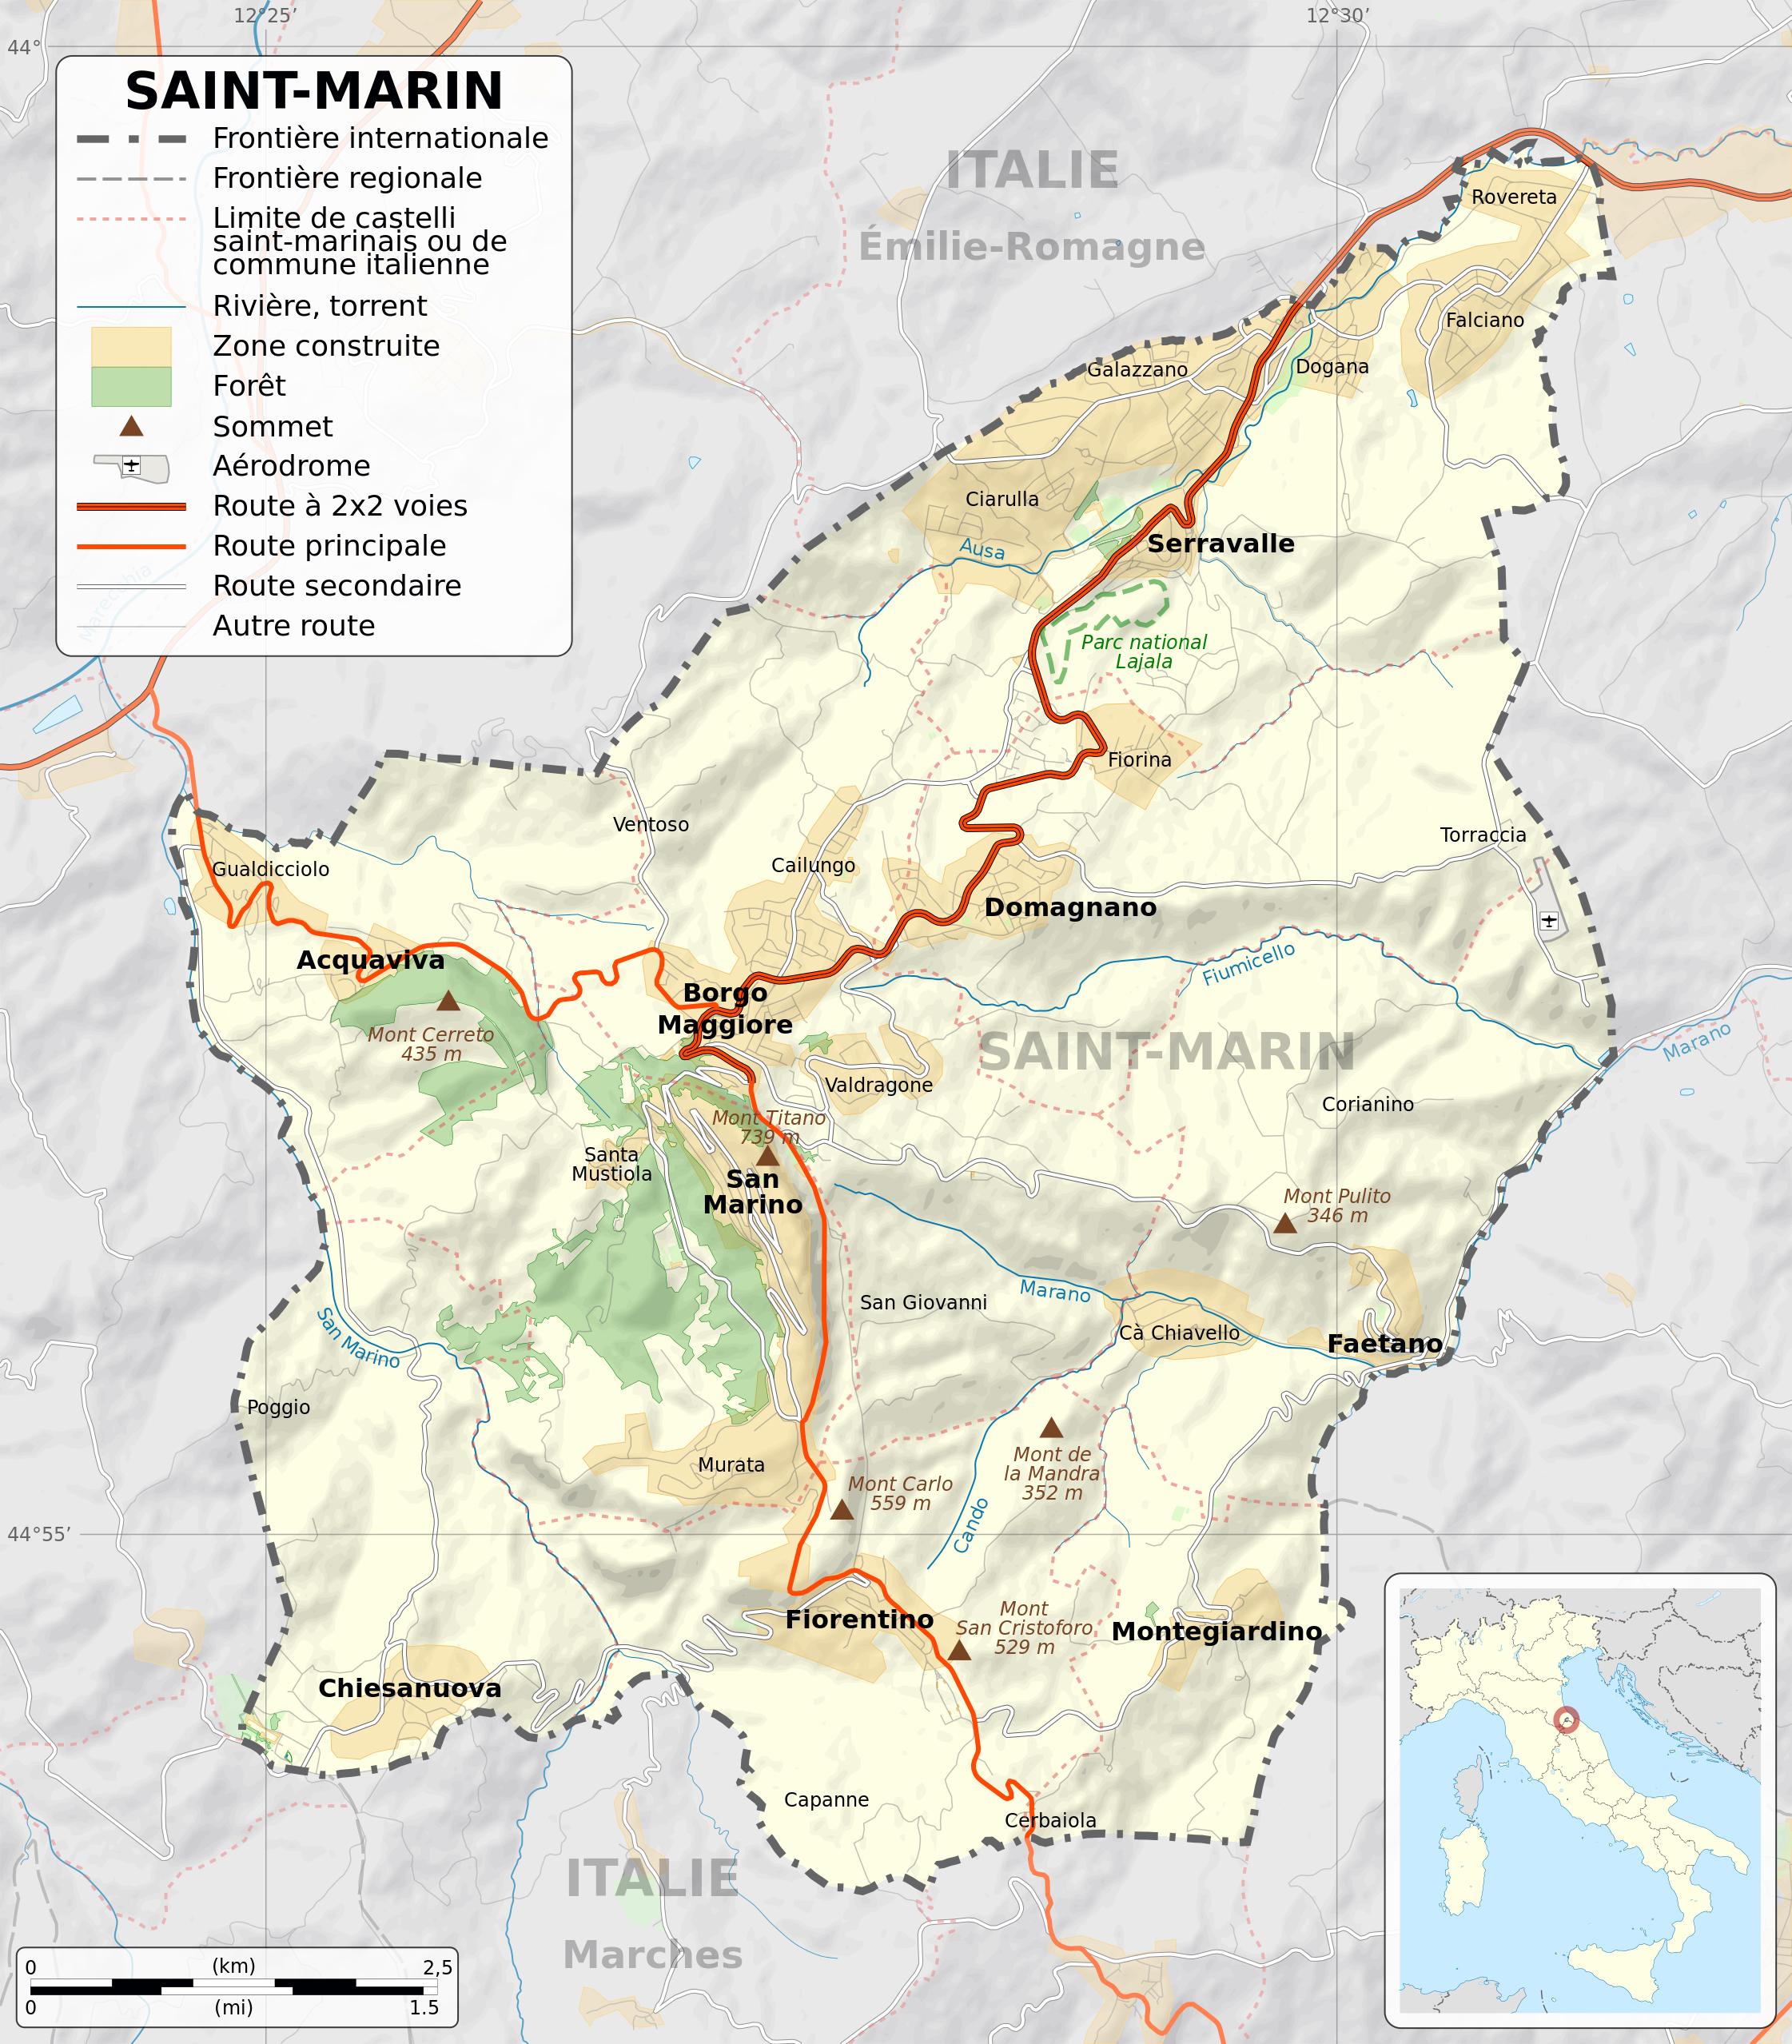 San Marino Mapa Europa.Grade Detallado Mapa Politico De San Marino Con Relieve